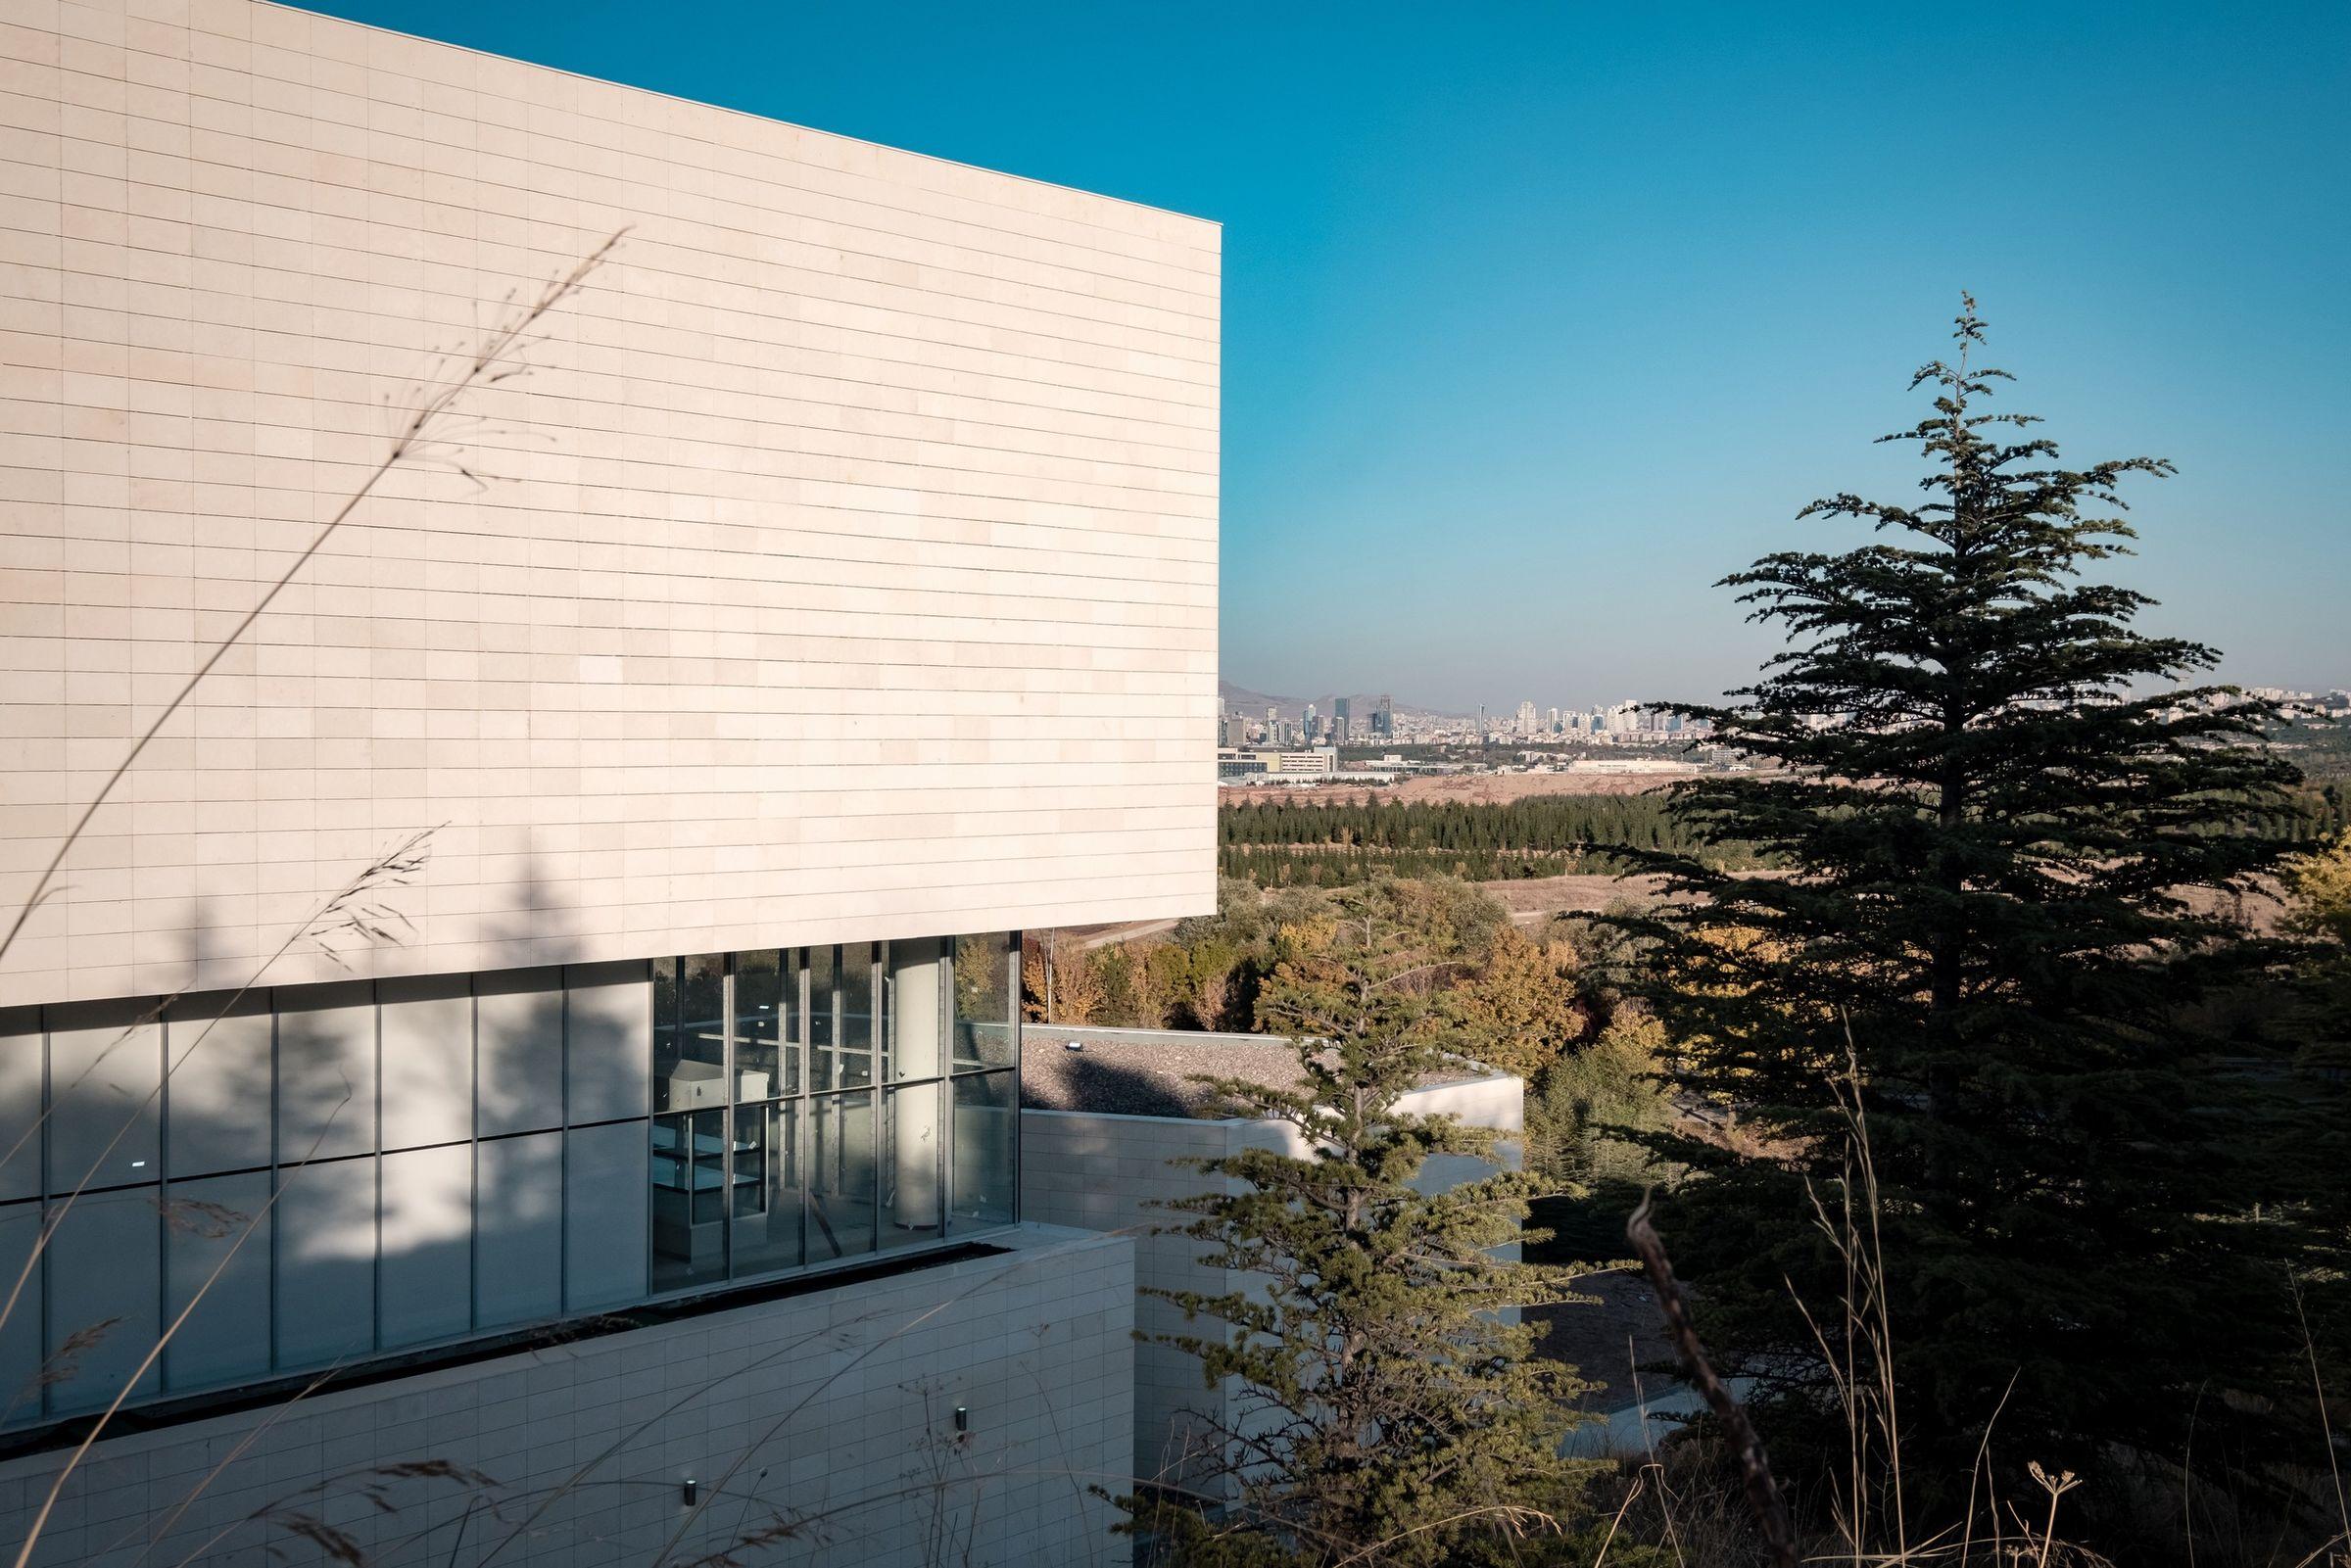 Університет Хацетпе – музей та центр біорізноманіття